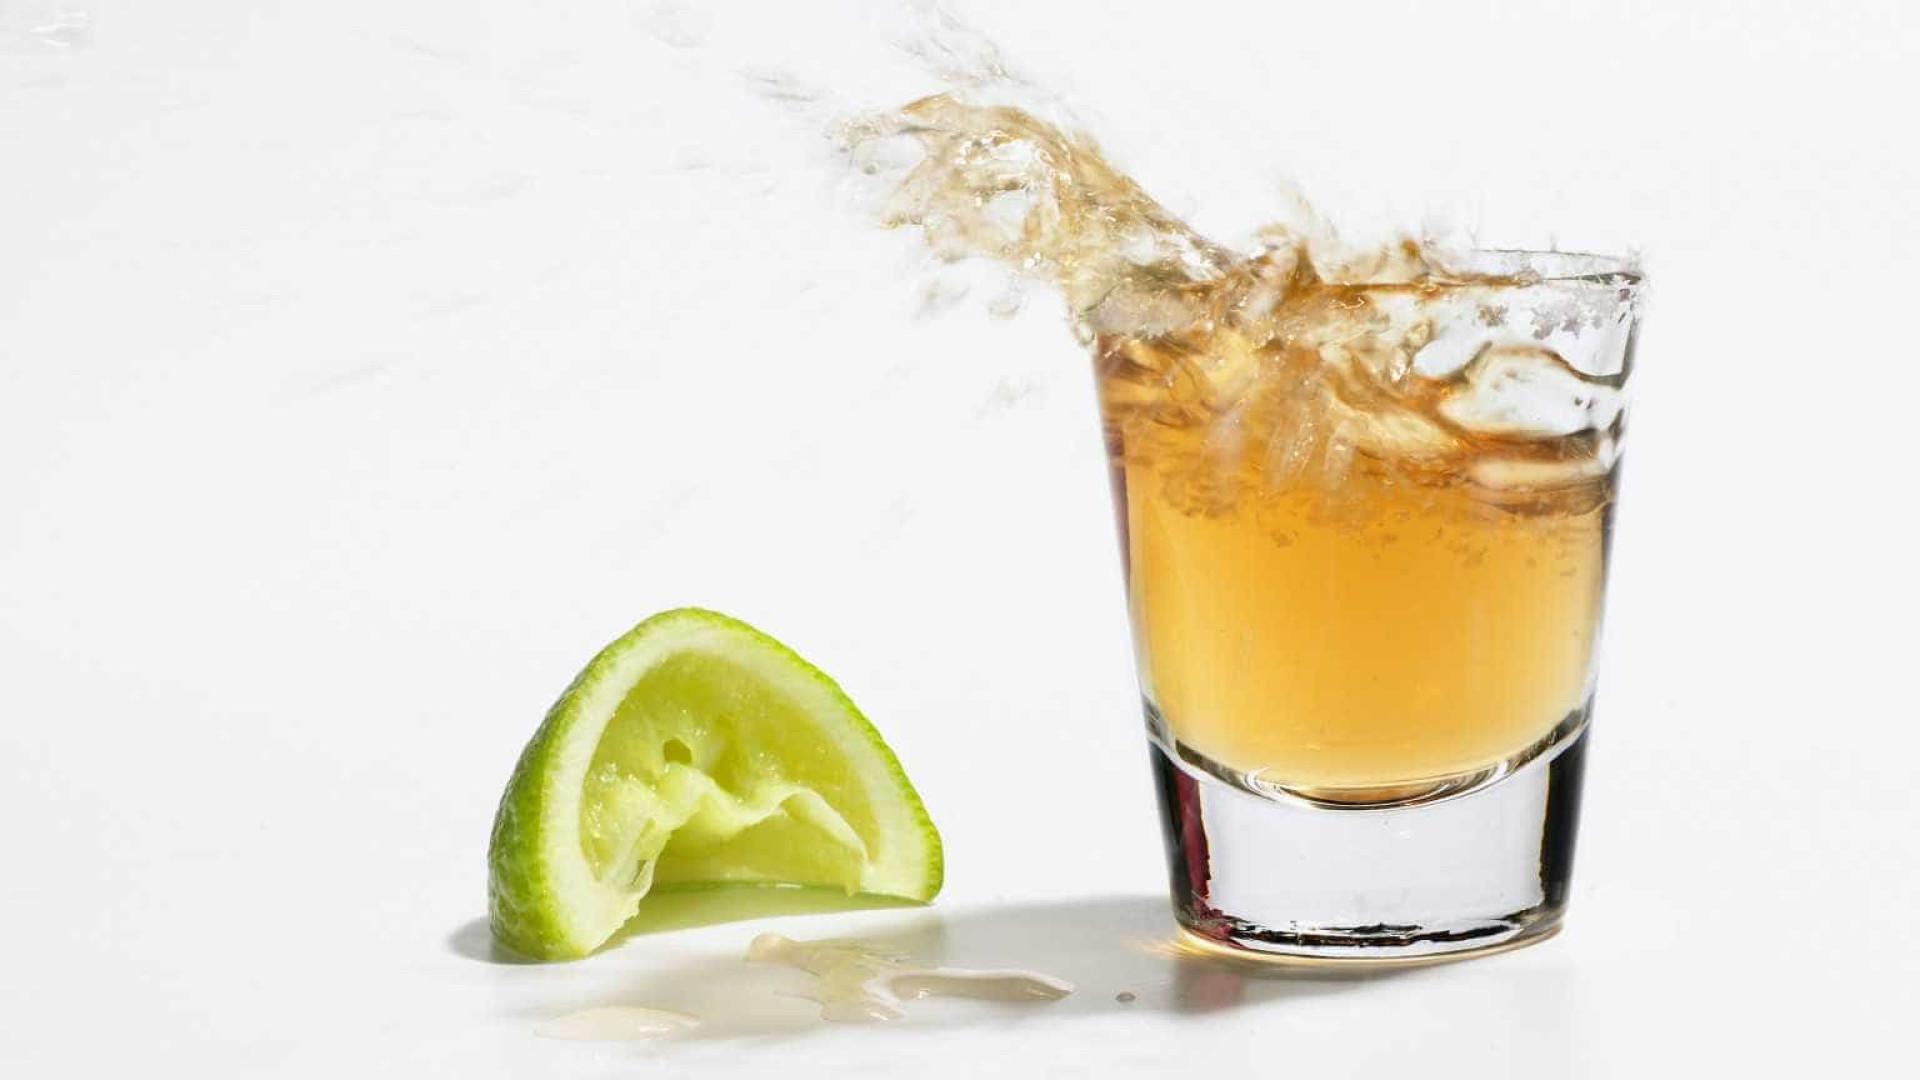 naom 55b677701fed9 - Dono de bar diz que líquido tóxico em tequila era produto de limpeza